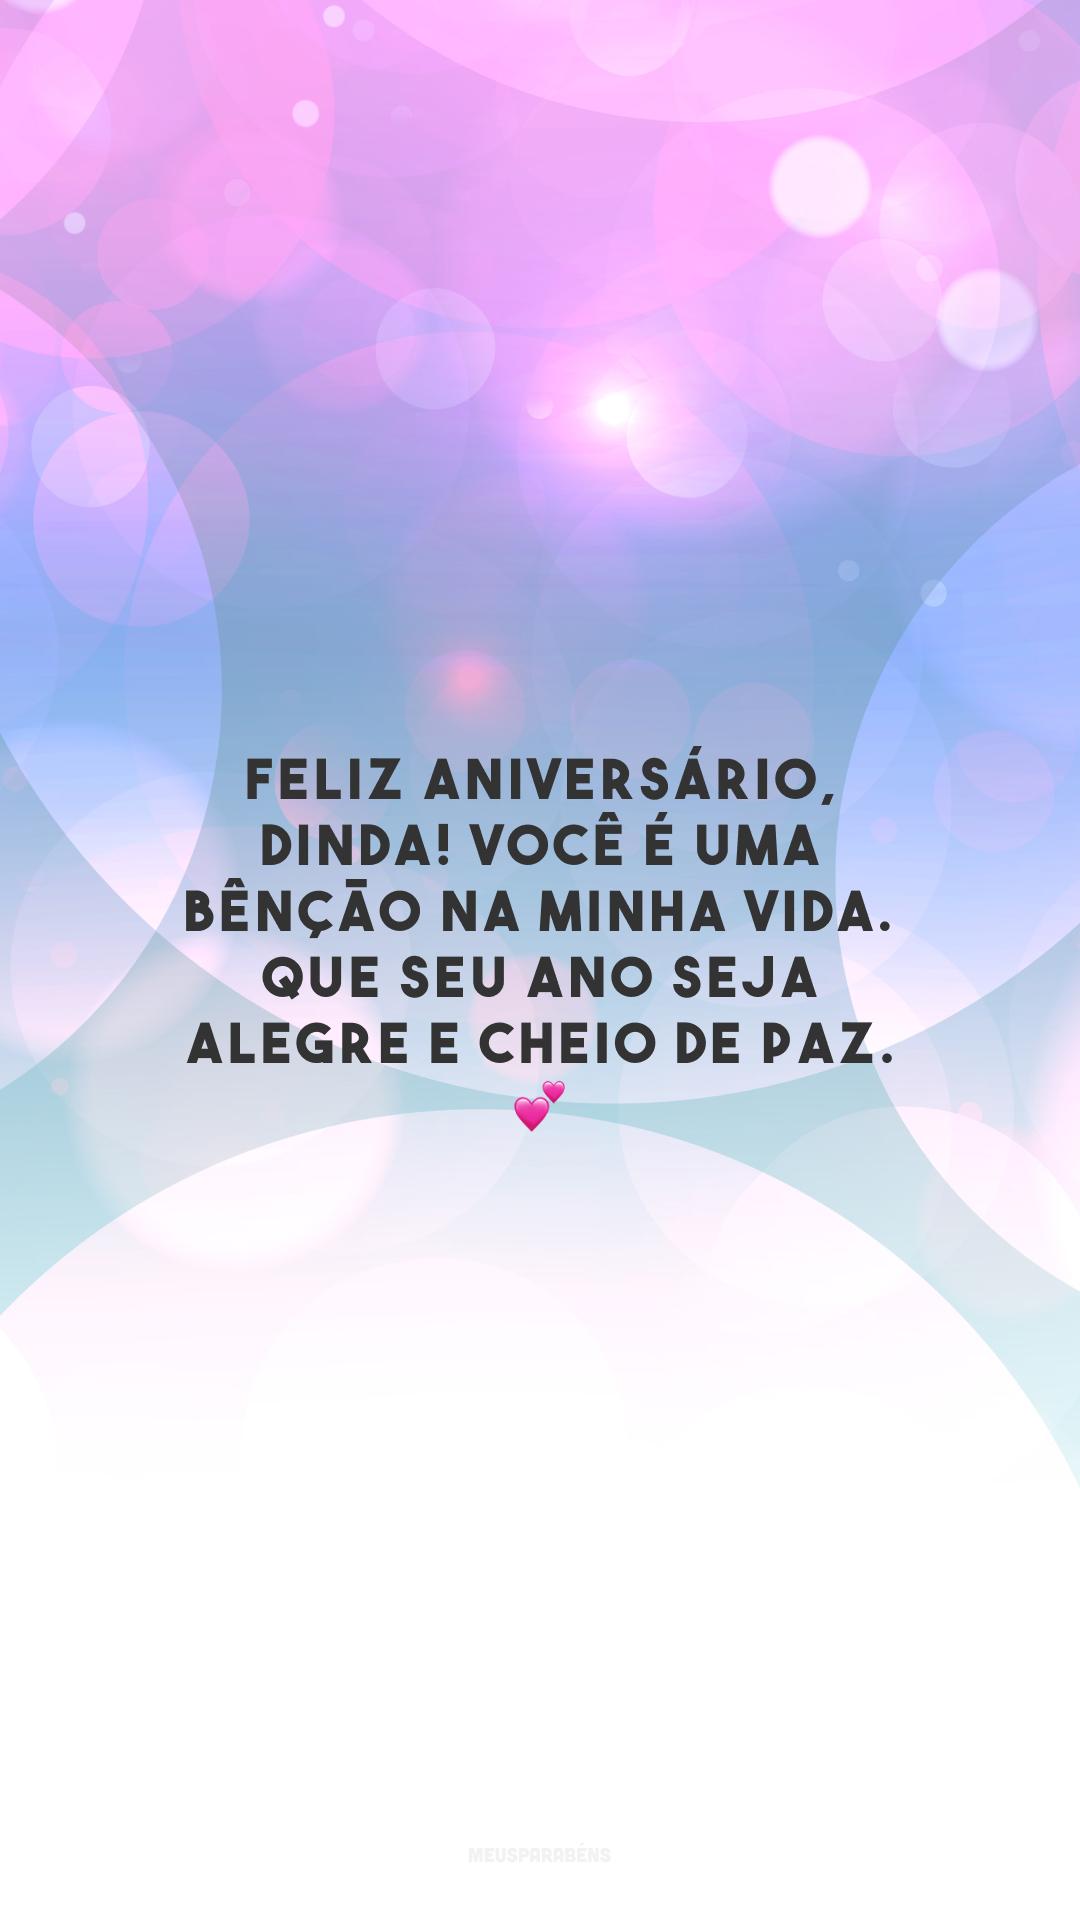 Feliz aniversário, dinda! Você é uma bênção na minha vida. Que seu ano seja alegre e cheio de paz. 💕